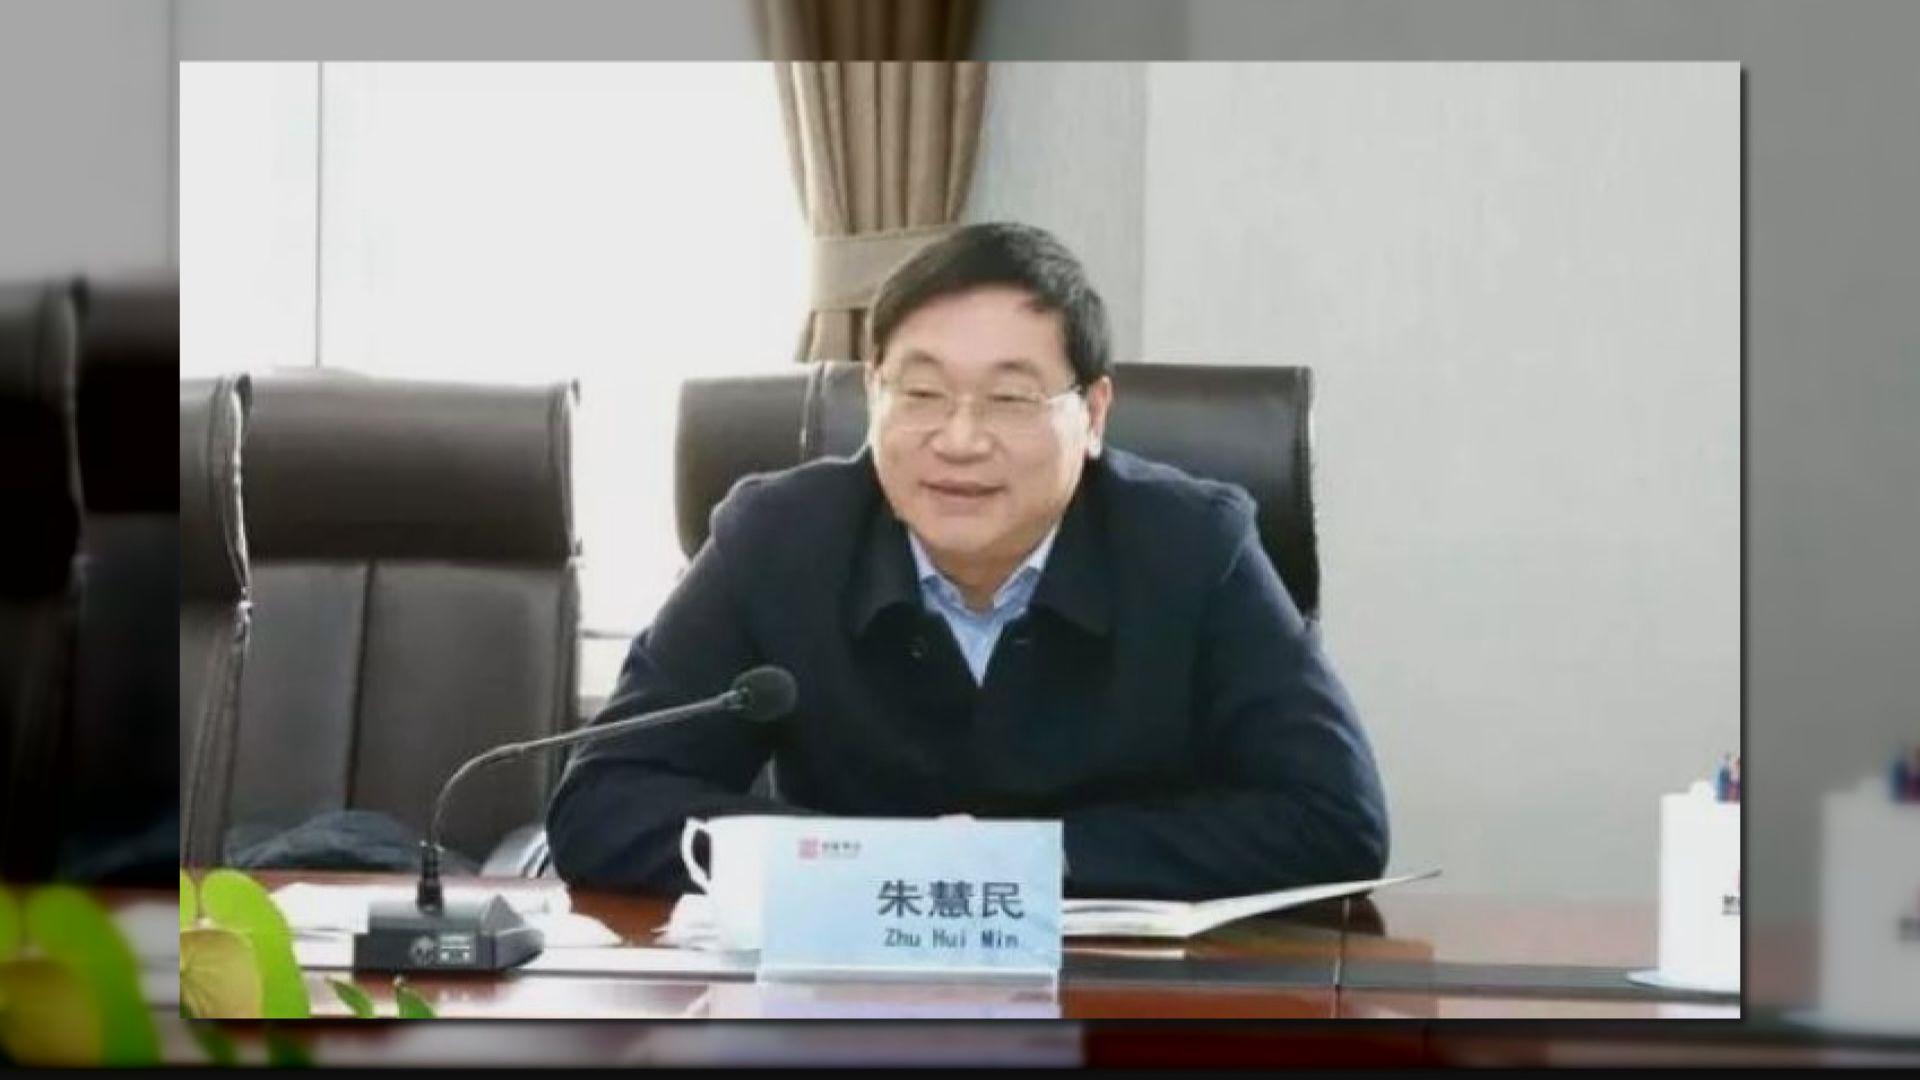 光大實業集團董事長朱慧民日前被調查,疑案涉任職光大銀行期間的利益輸送。(網絡圖片)